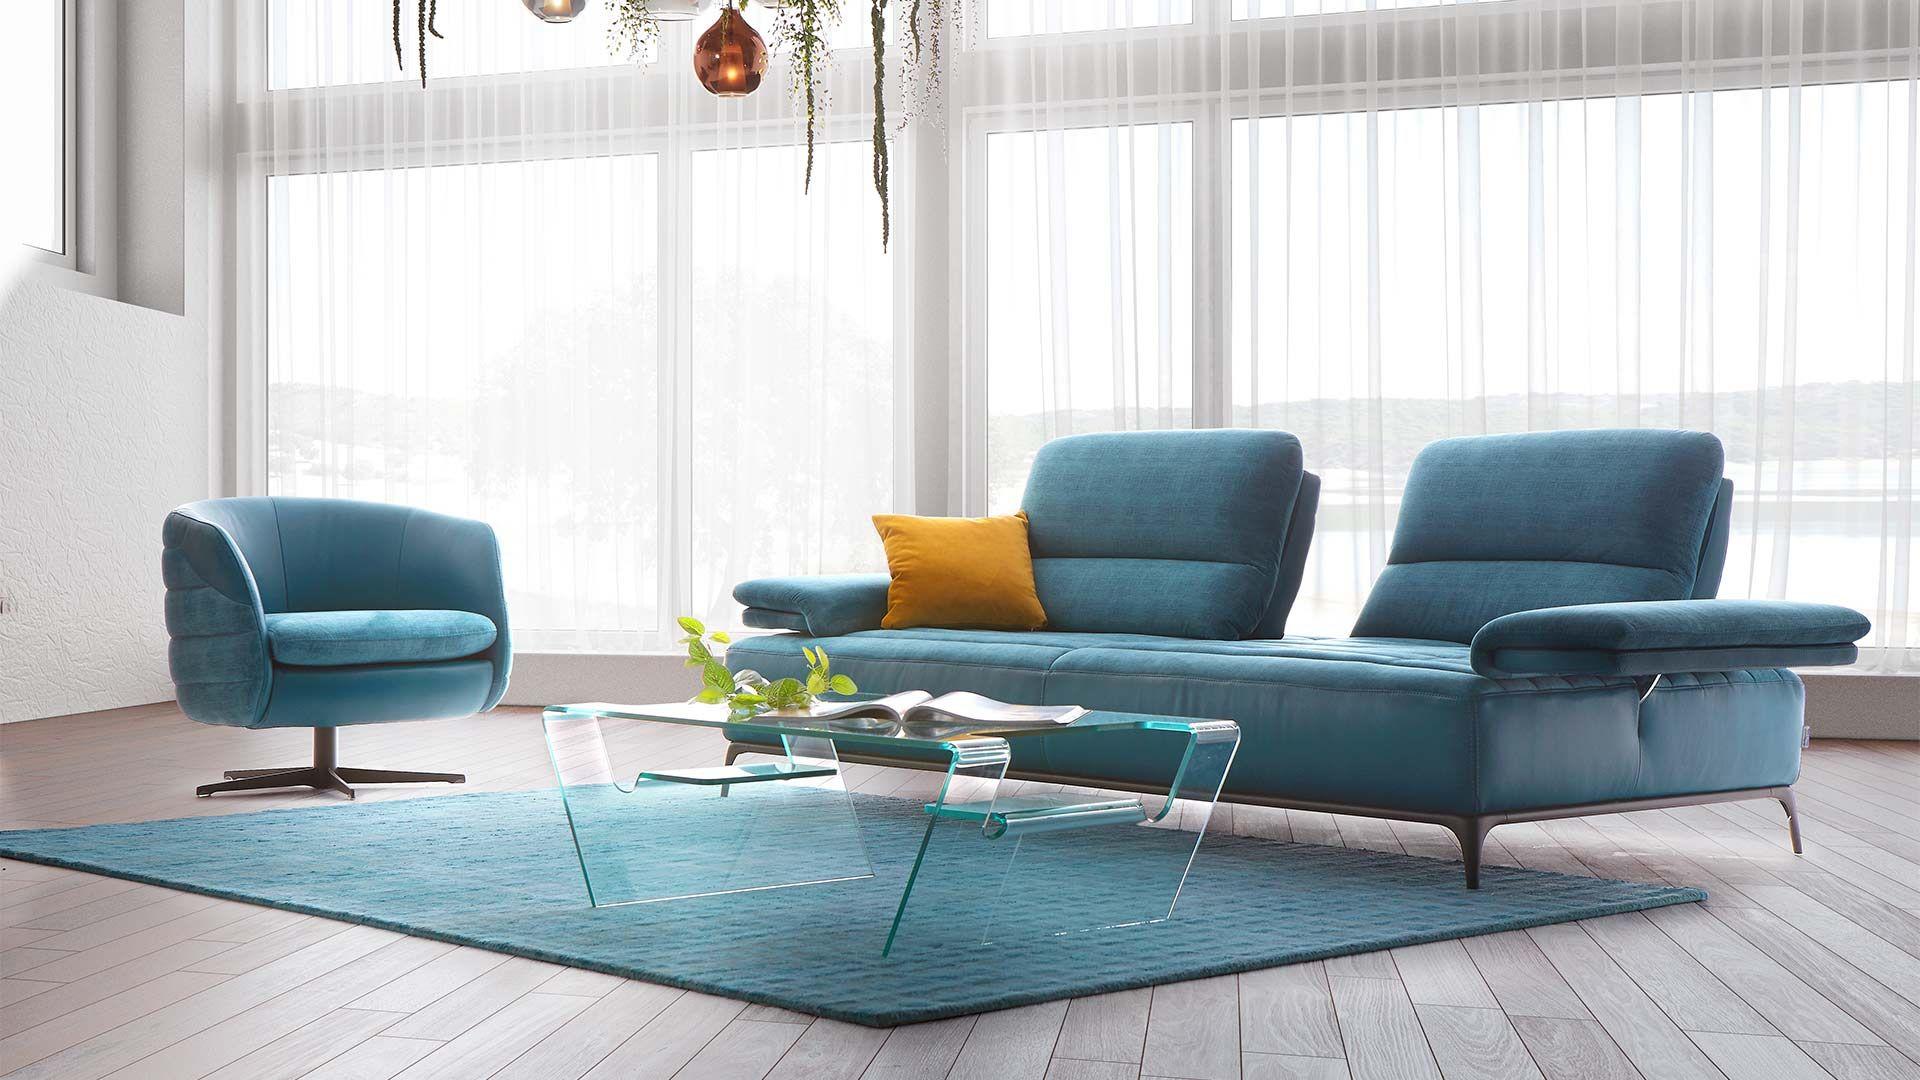 Sherman Canape Relaxation Cuir Tissu Bleu Canape Droit Mobilier De France Canape Design